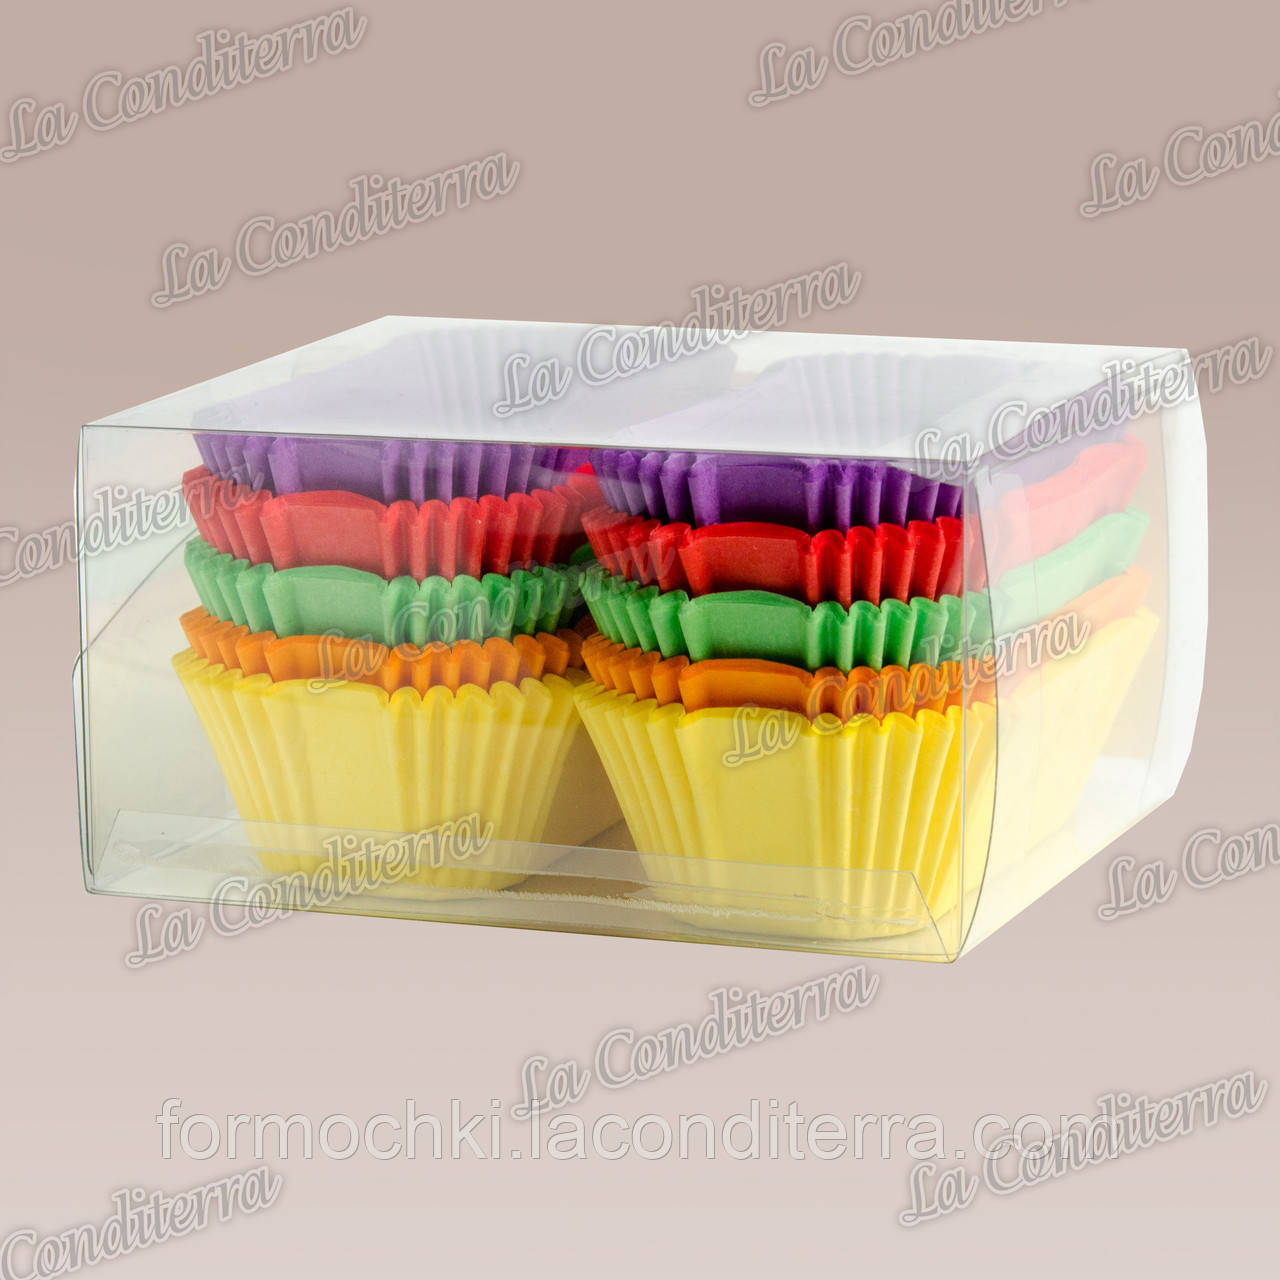 Паперові форми для тістечок і еклерів Р8-ПУ (80x35 мм), мікс-1,150 шт.